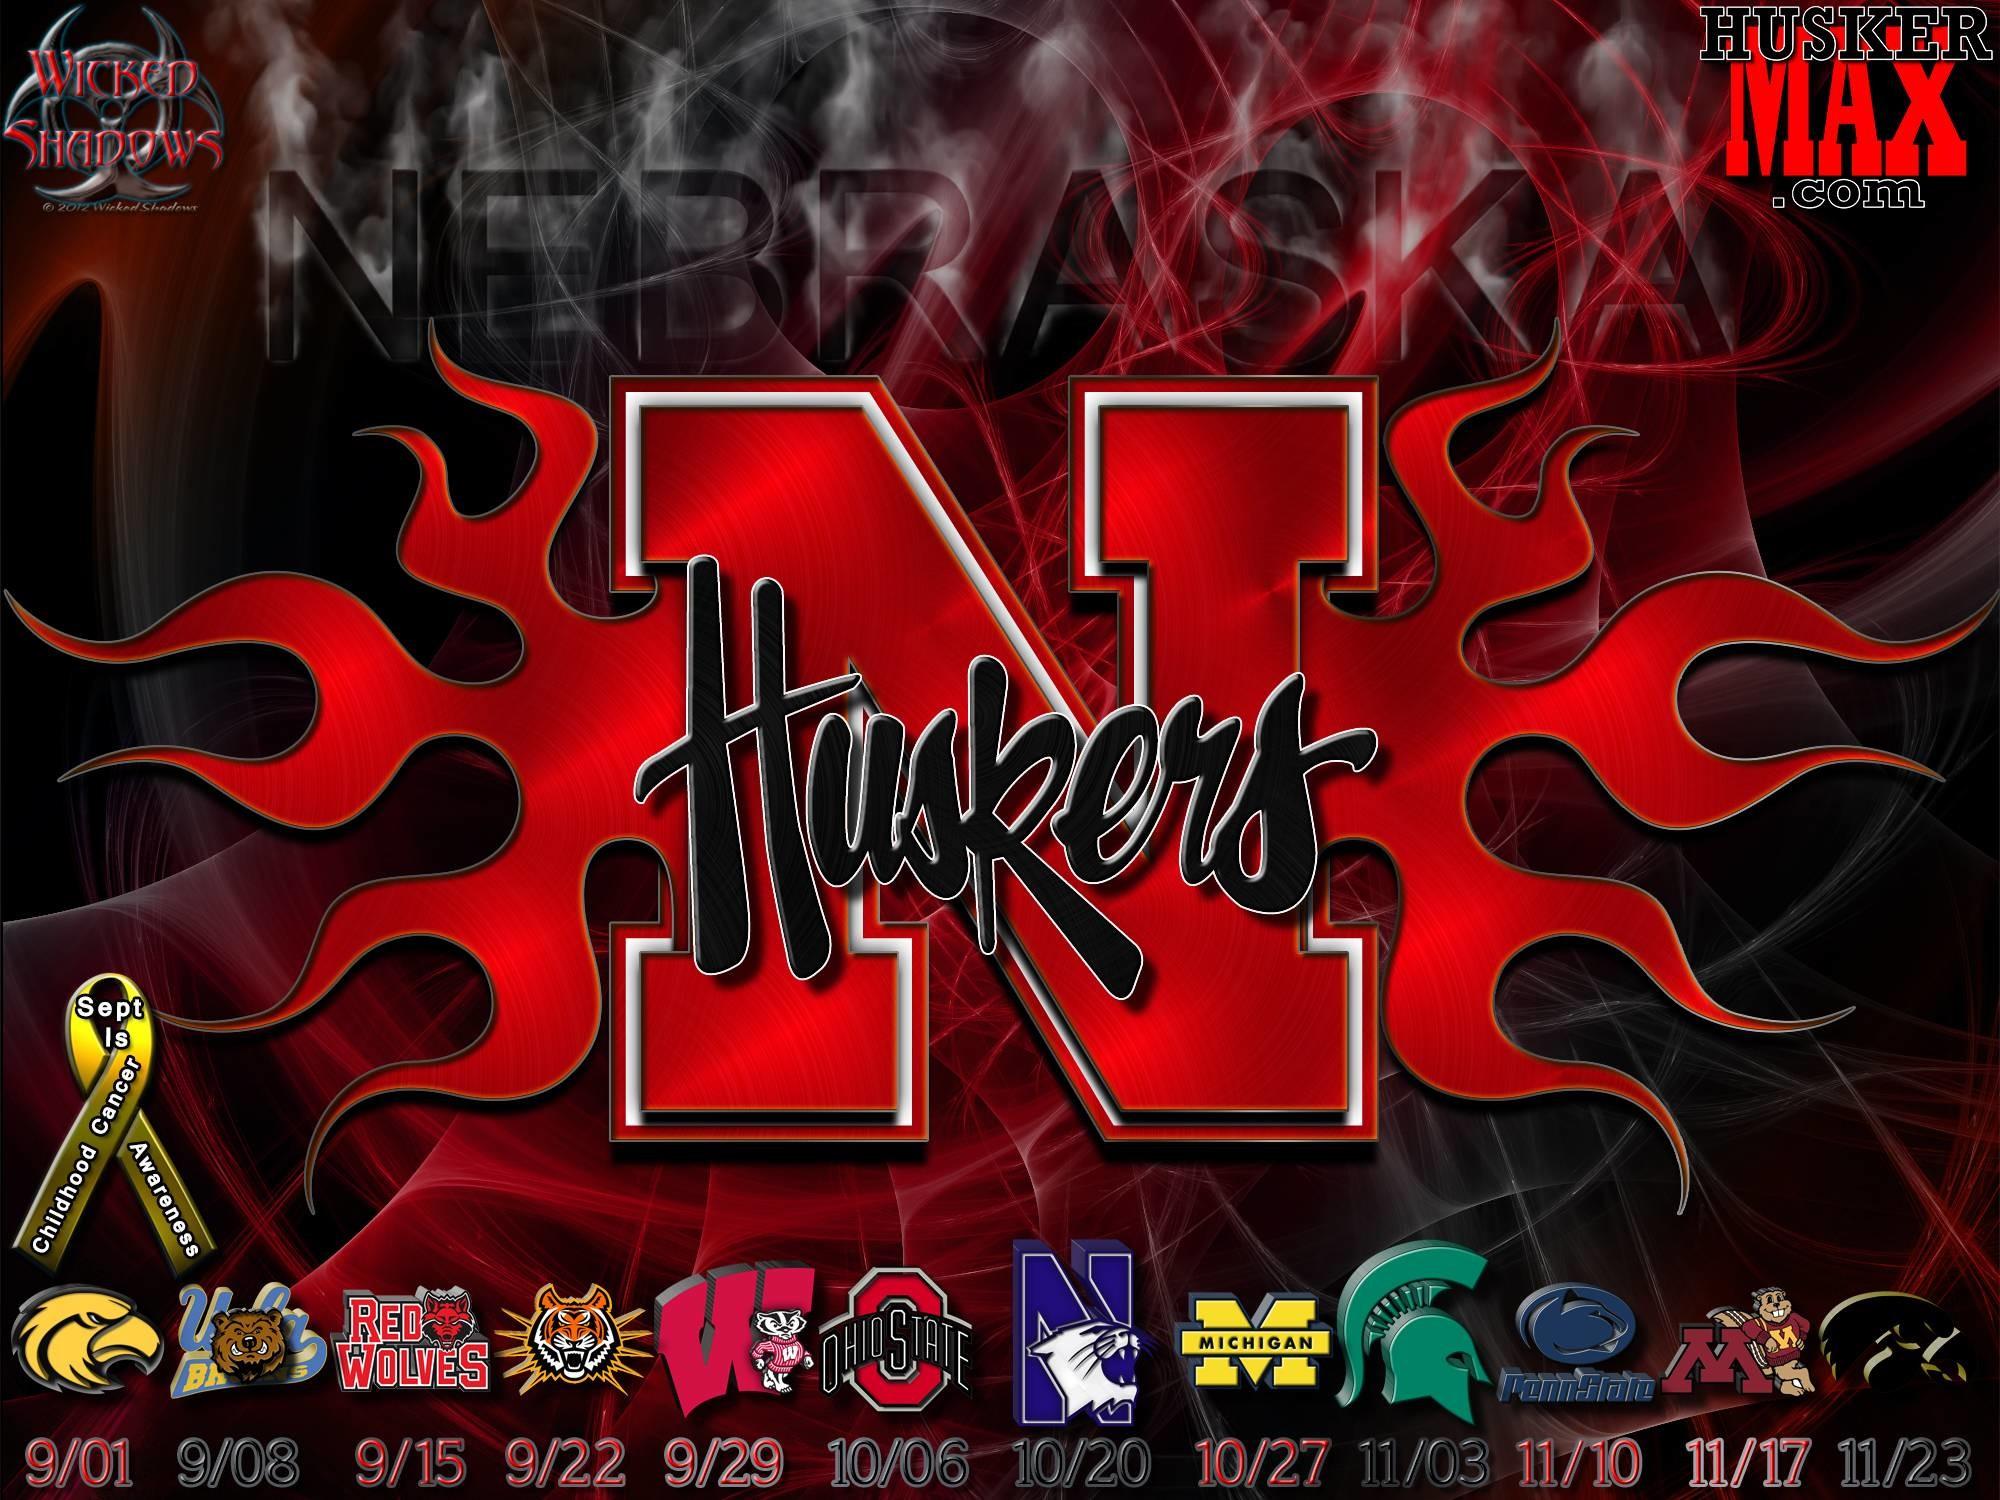 Wallpaper lincoln ne 48 images - Nebraska football wallpaper ...